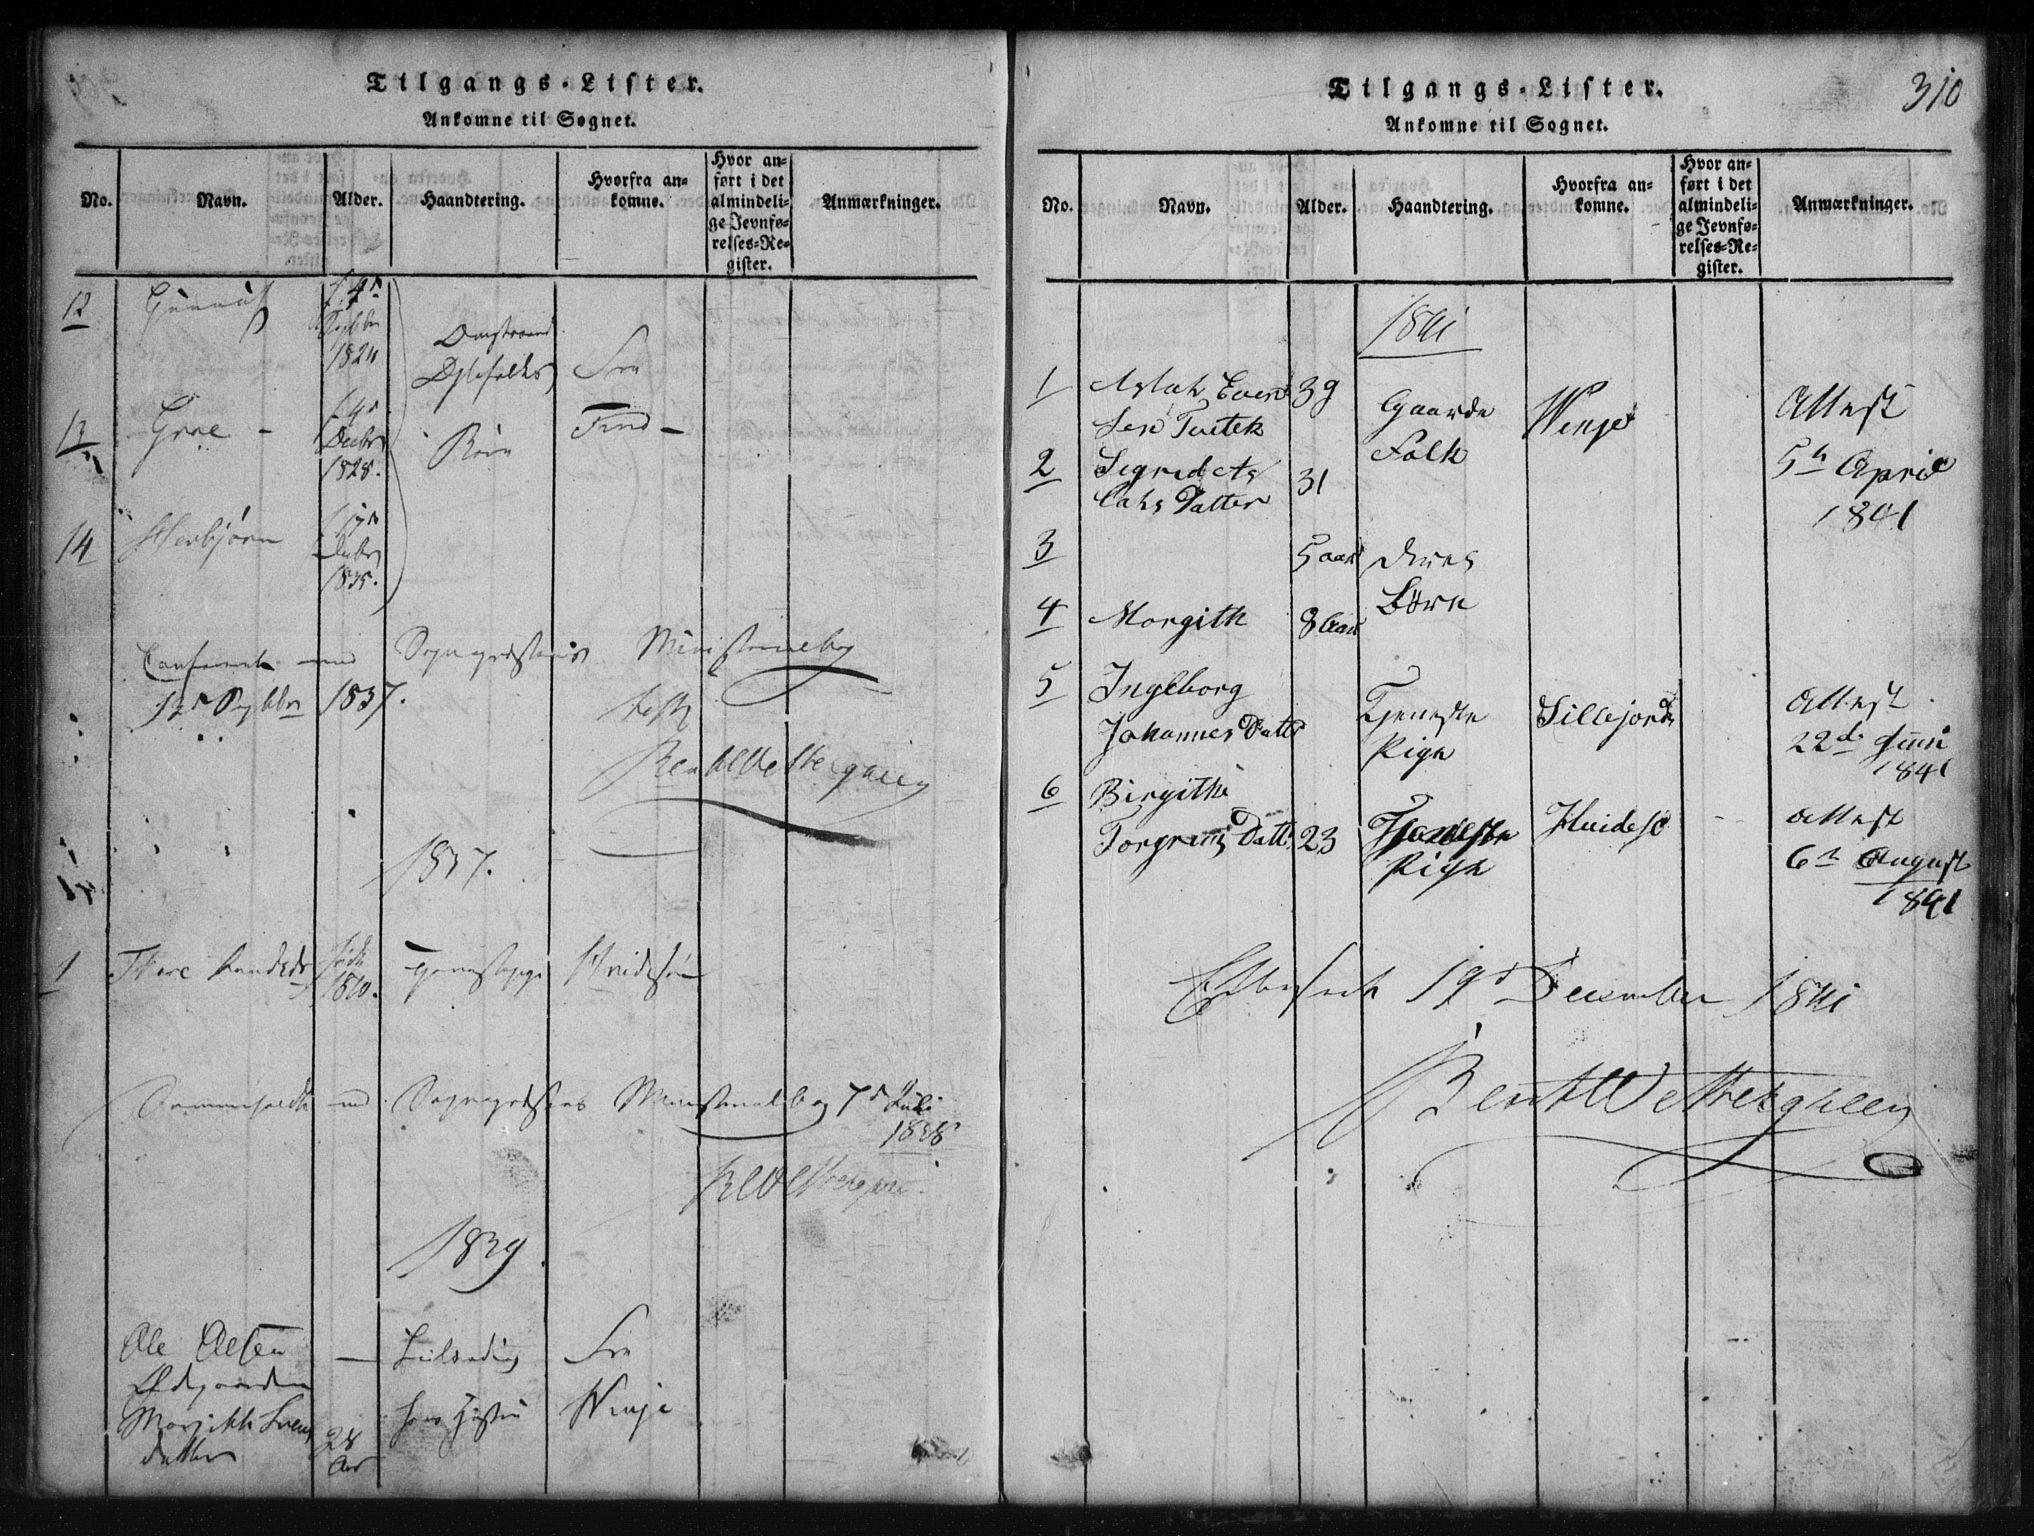 SAKO, Rauland kirkebøker, G/Gb/L0001: Klokkerbok nr. II 1, 1815-1886, s. 310